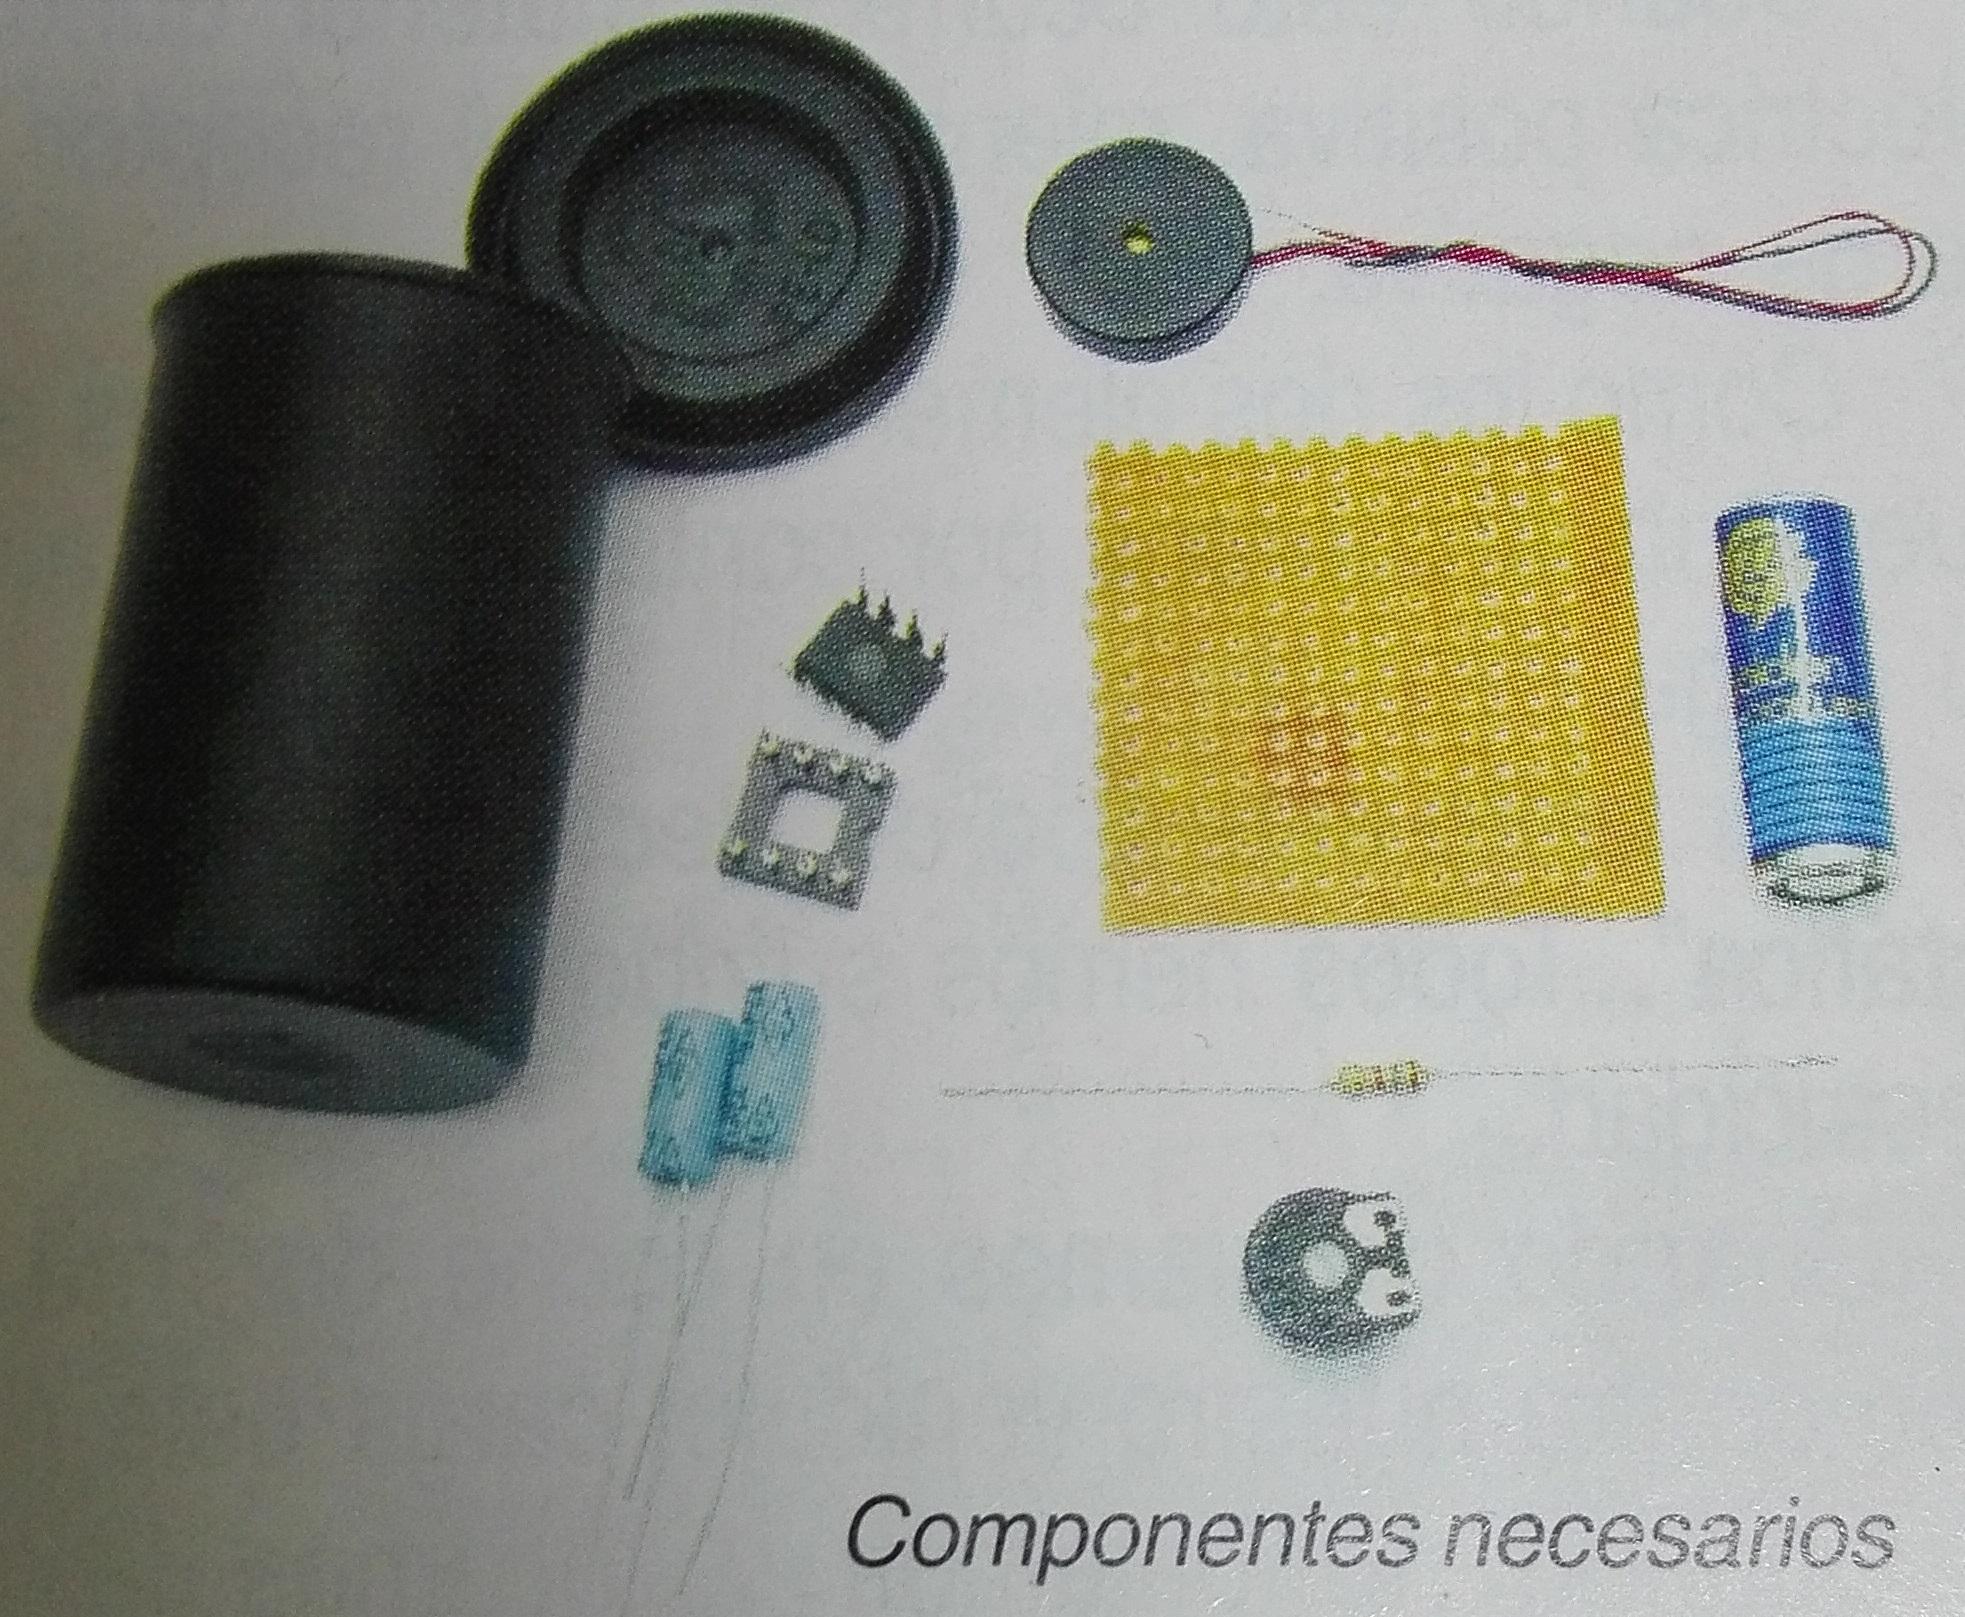 Los componentes se pueden adquirir fácilmente.